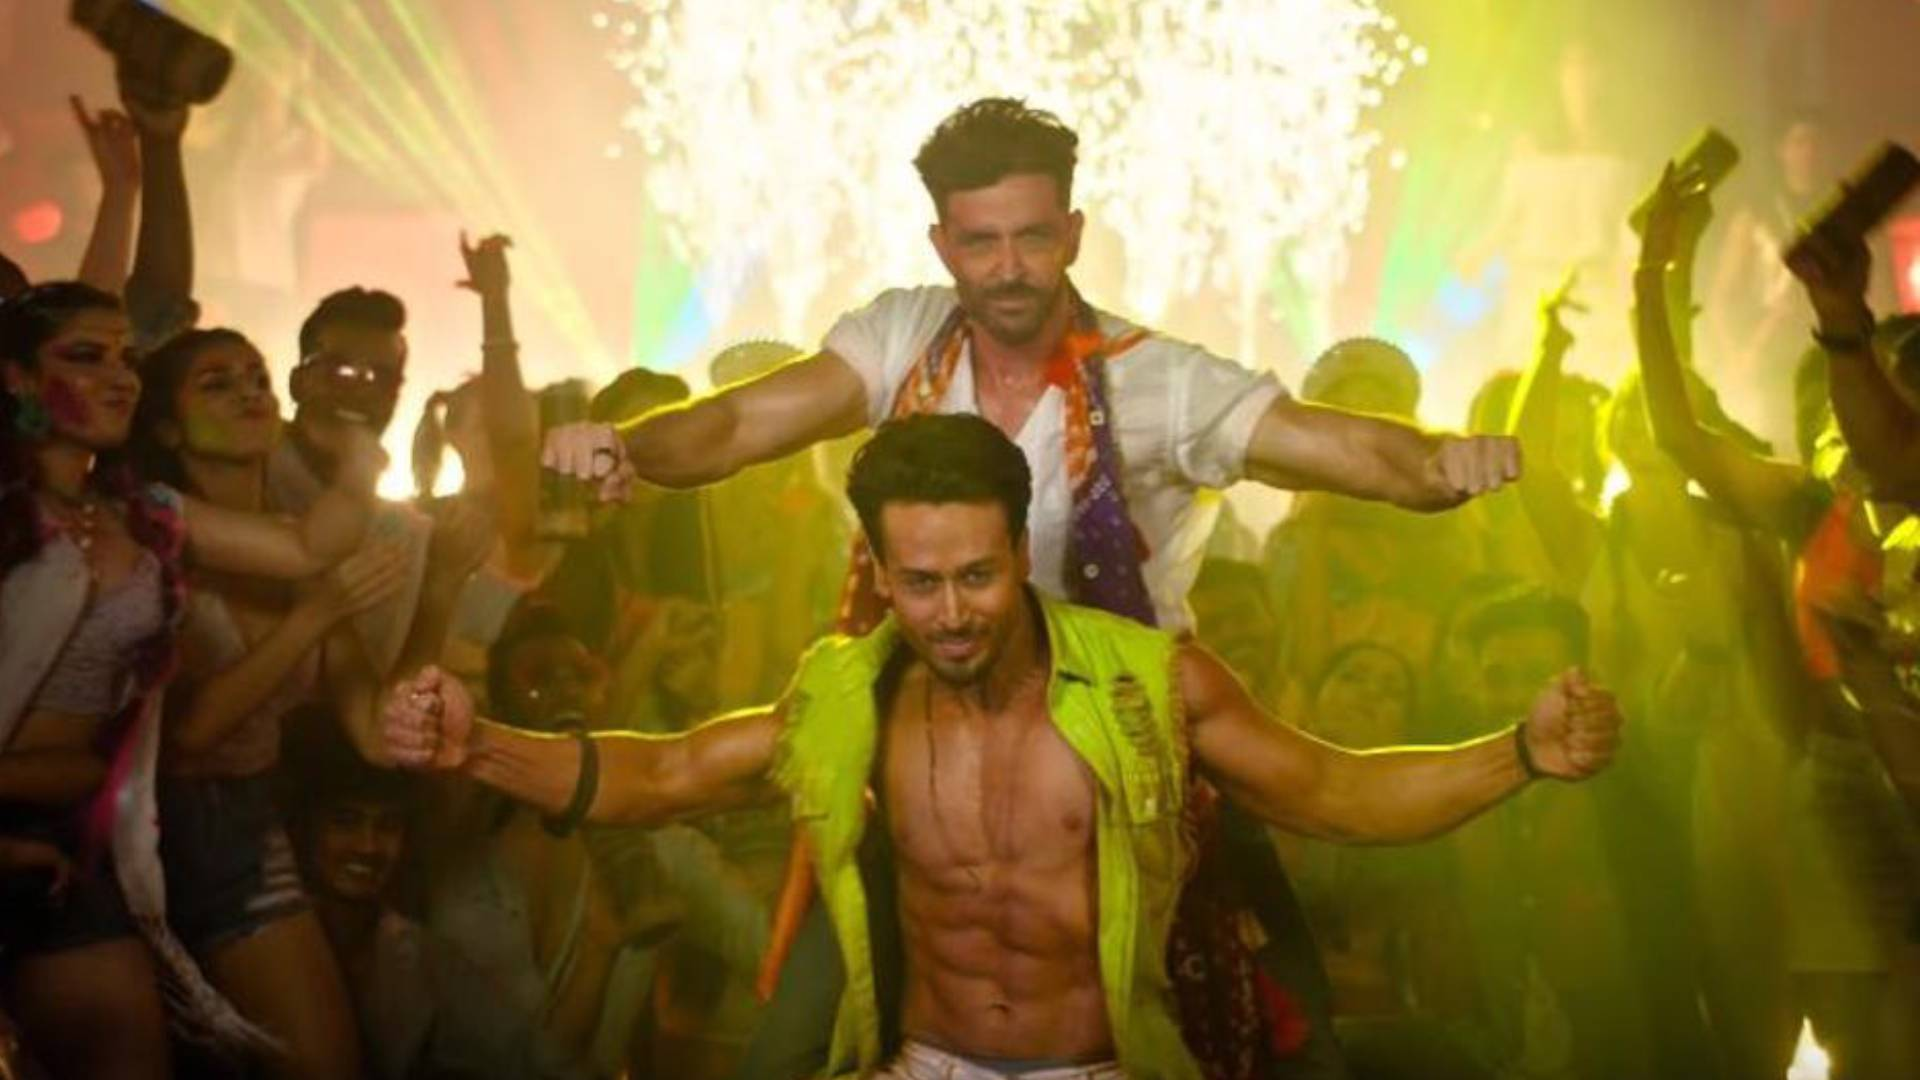 Jai Jai Shivshankar Song: रिलीज होते ही छाया वॉर फिल्म का ये गाना, मस्ती में डूबे दिखें ऋतिक रोशन-टाइगर श्रॉफ